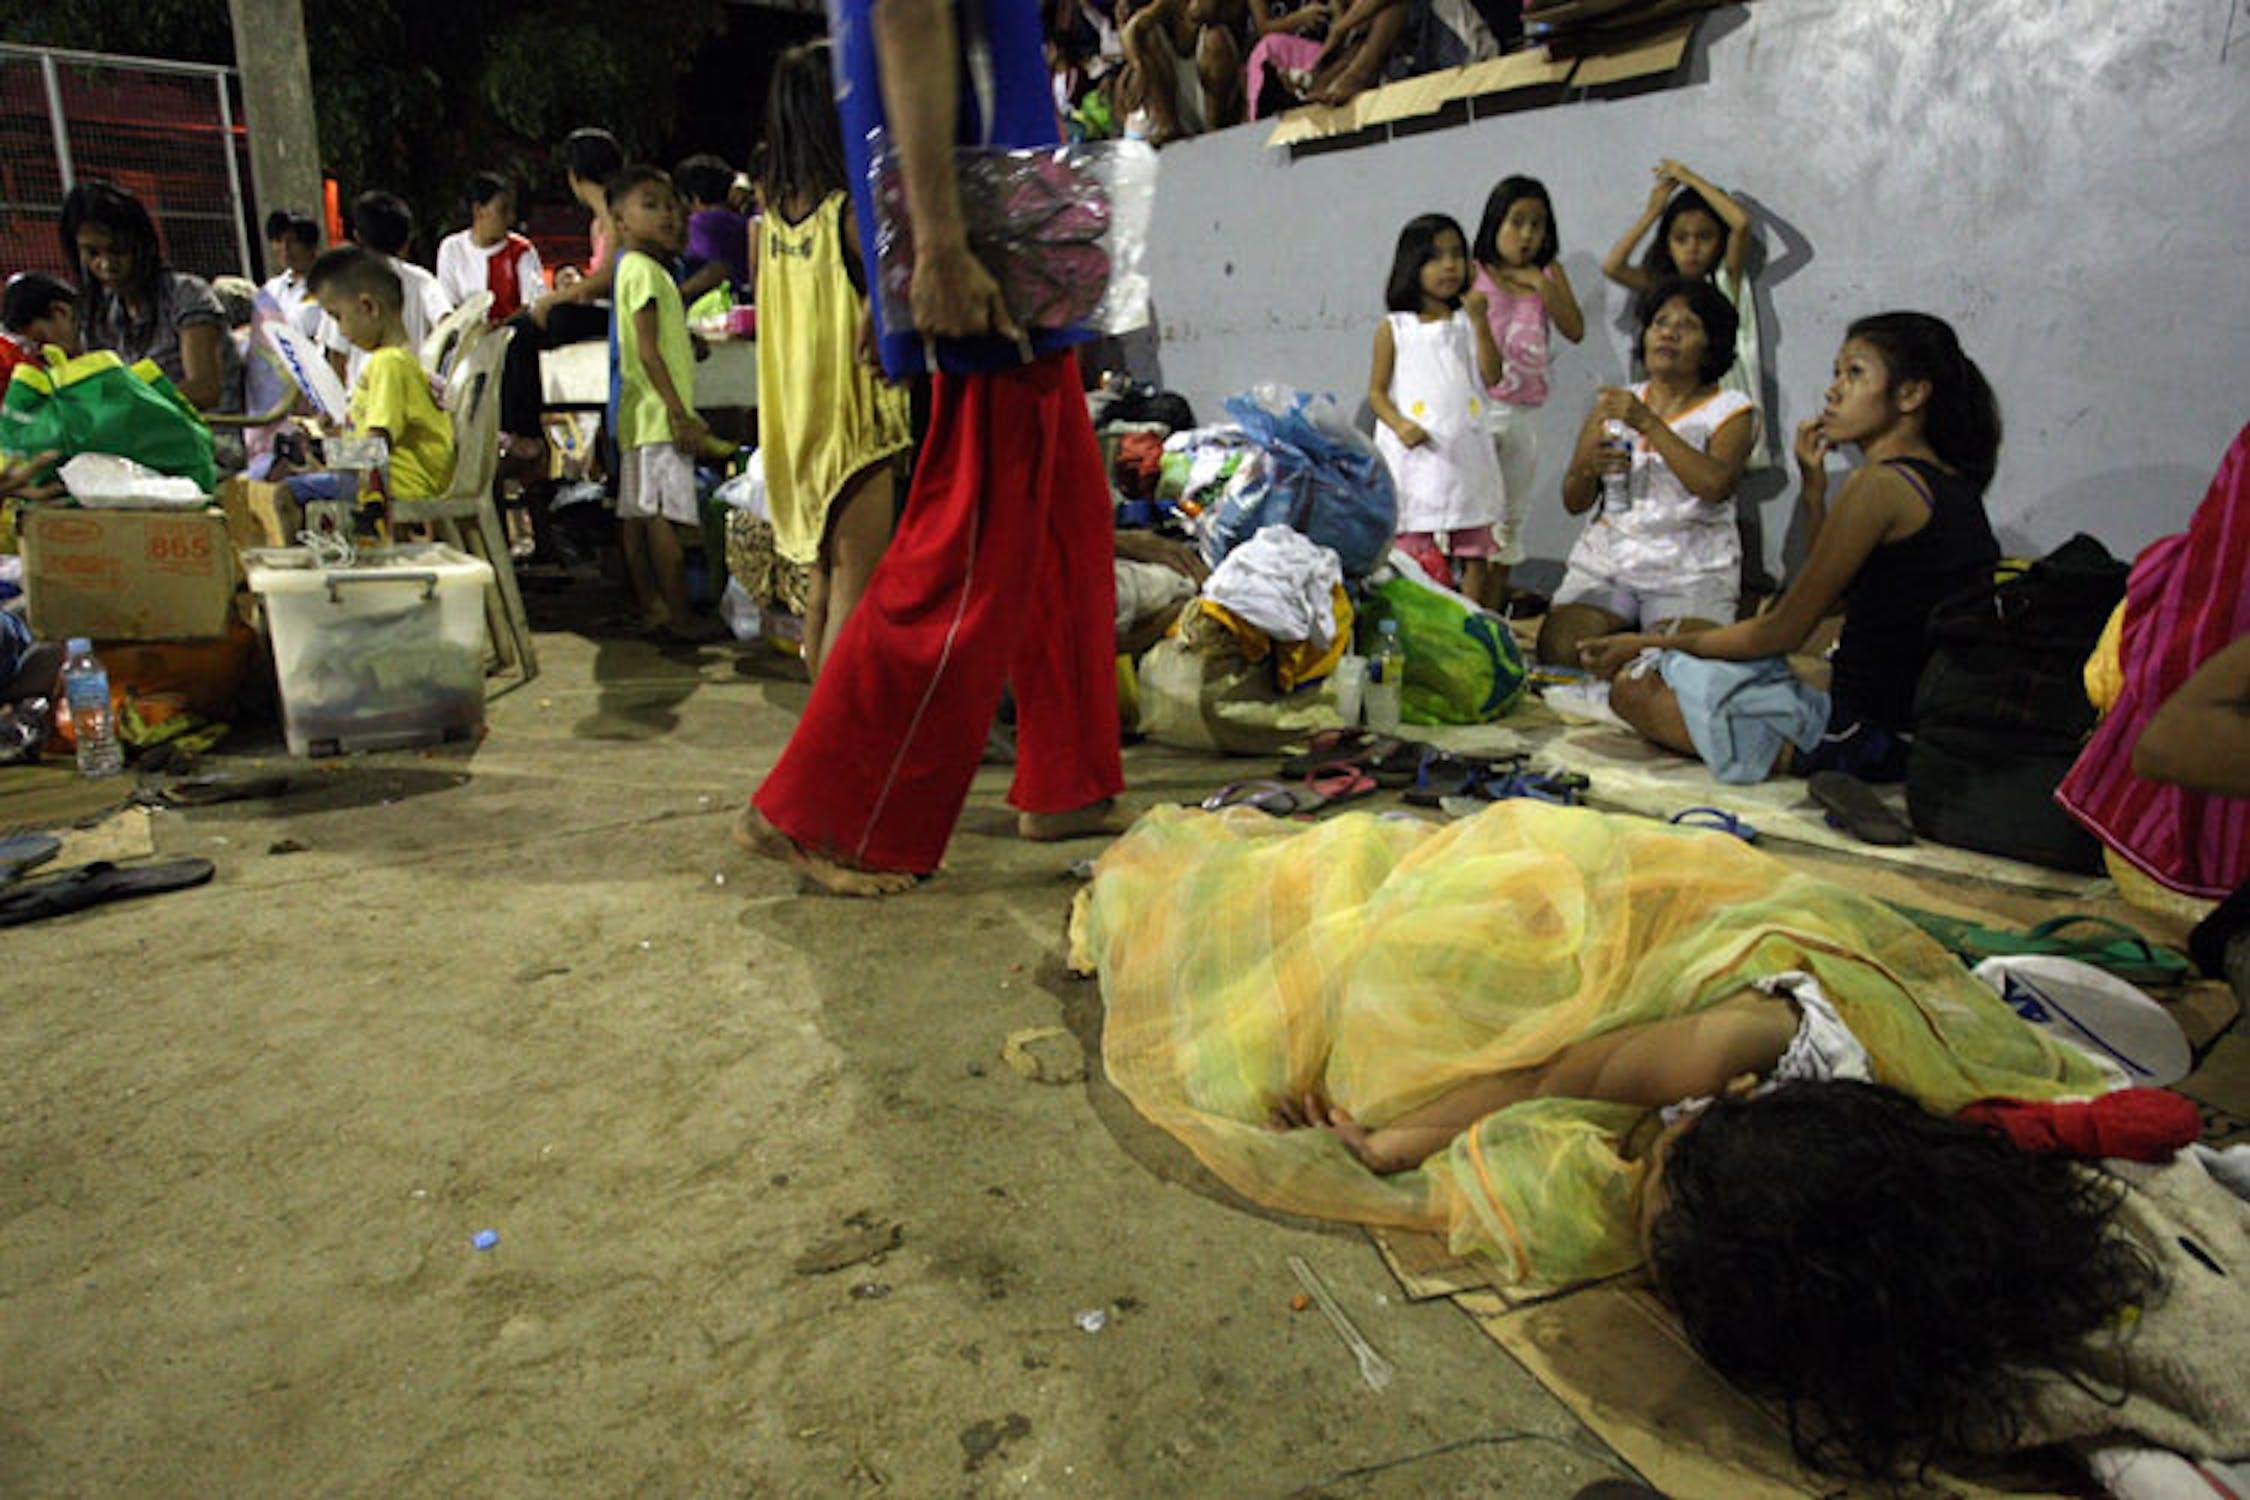 Bambini all'interno di uno dei centri per sfollati a Cagayan de Oro, Filippine - ©UNICEF Filippine/2011/Maitum